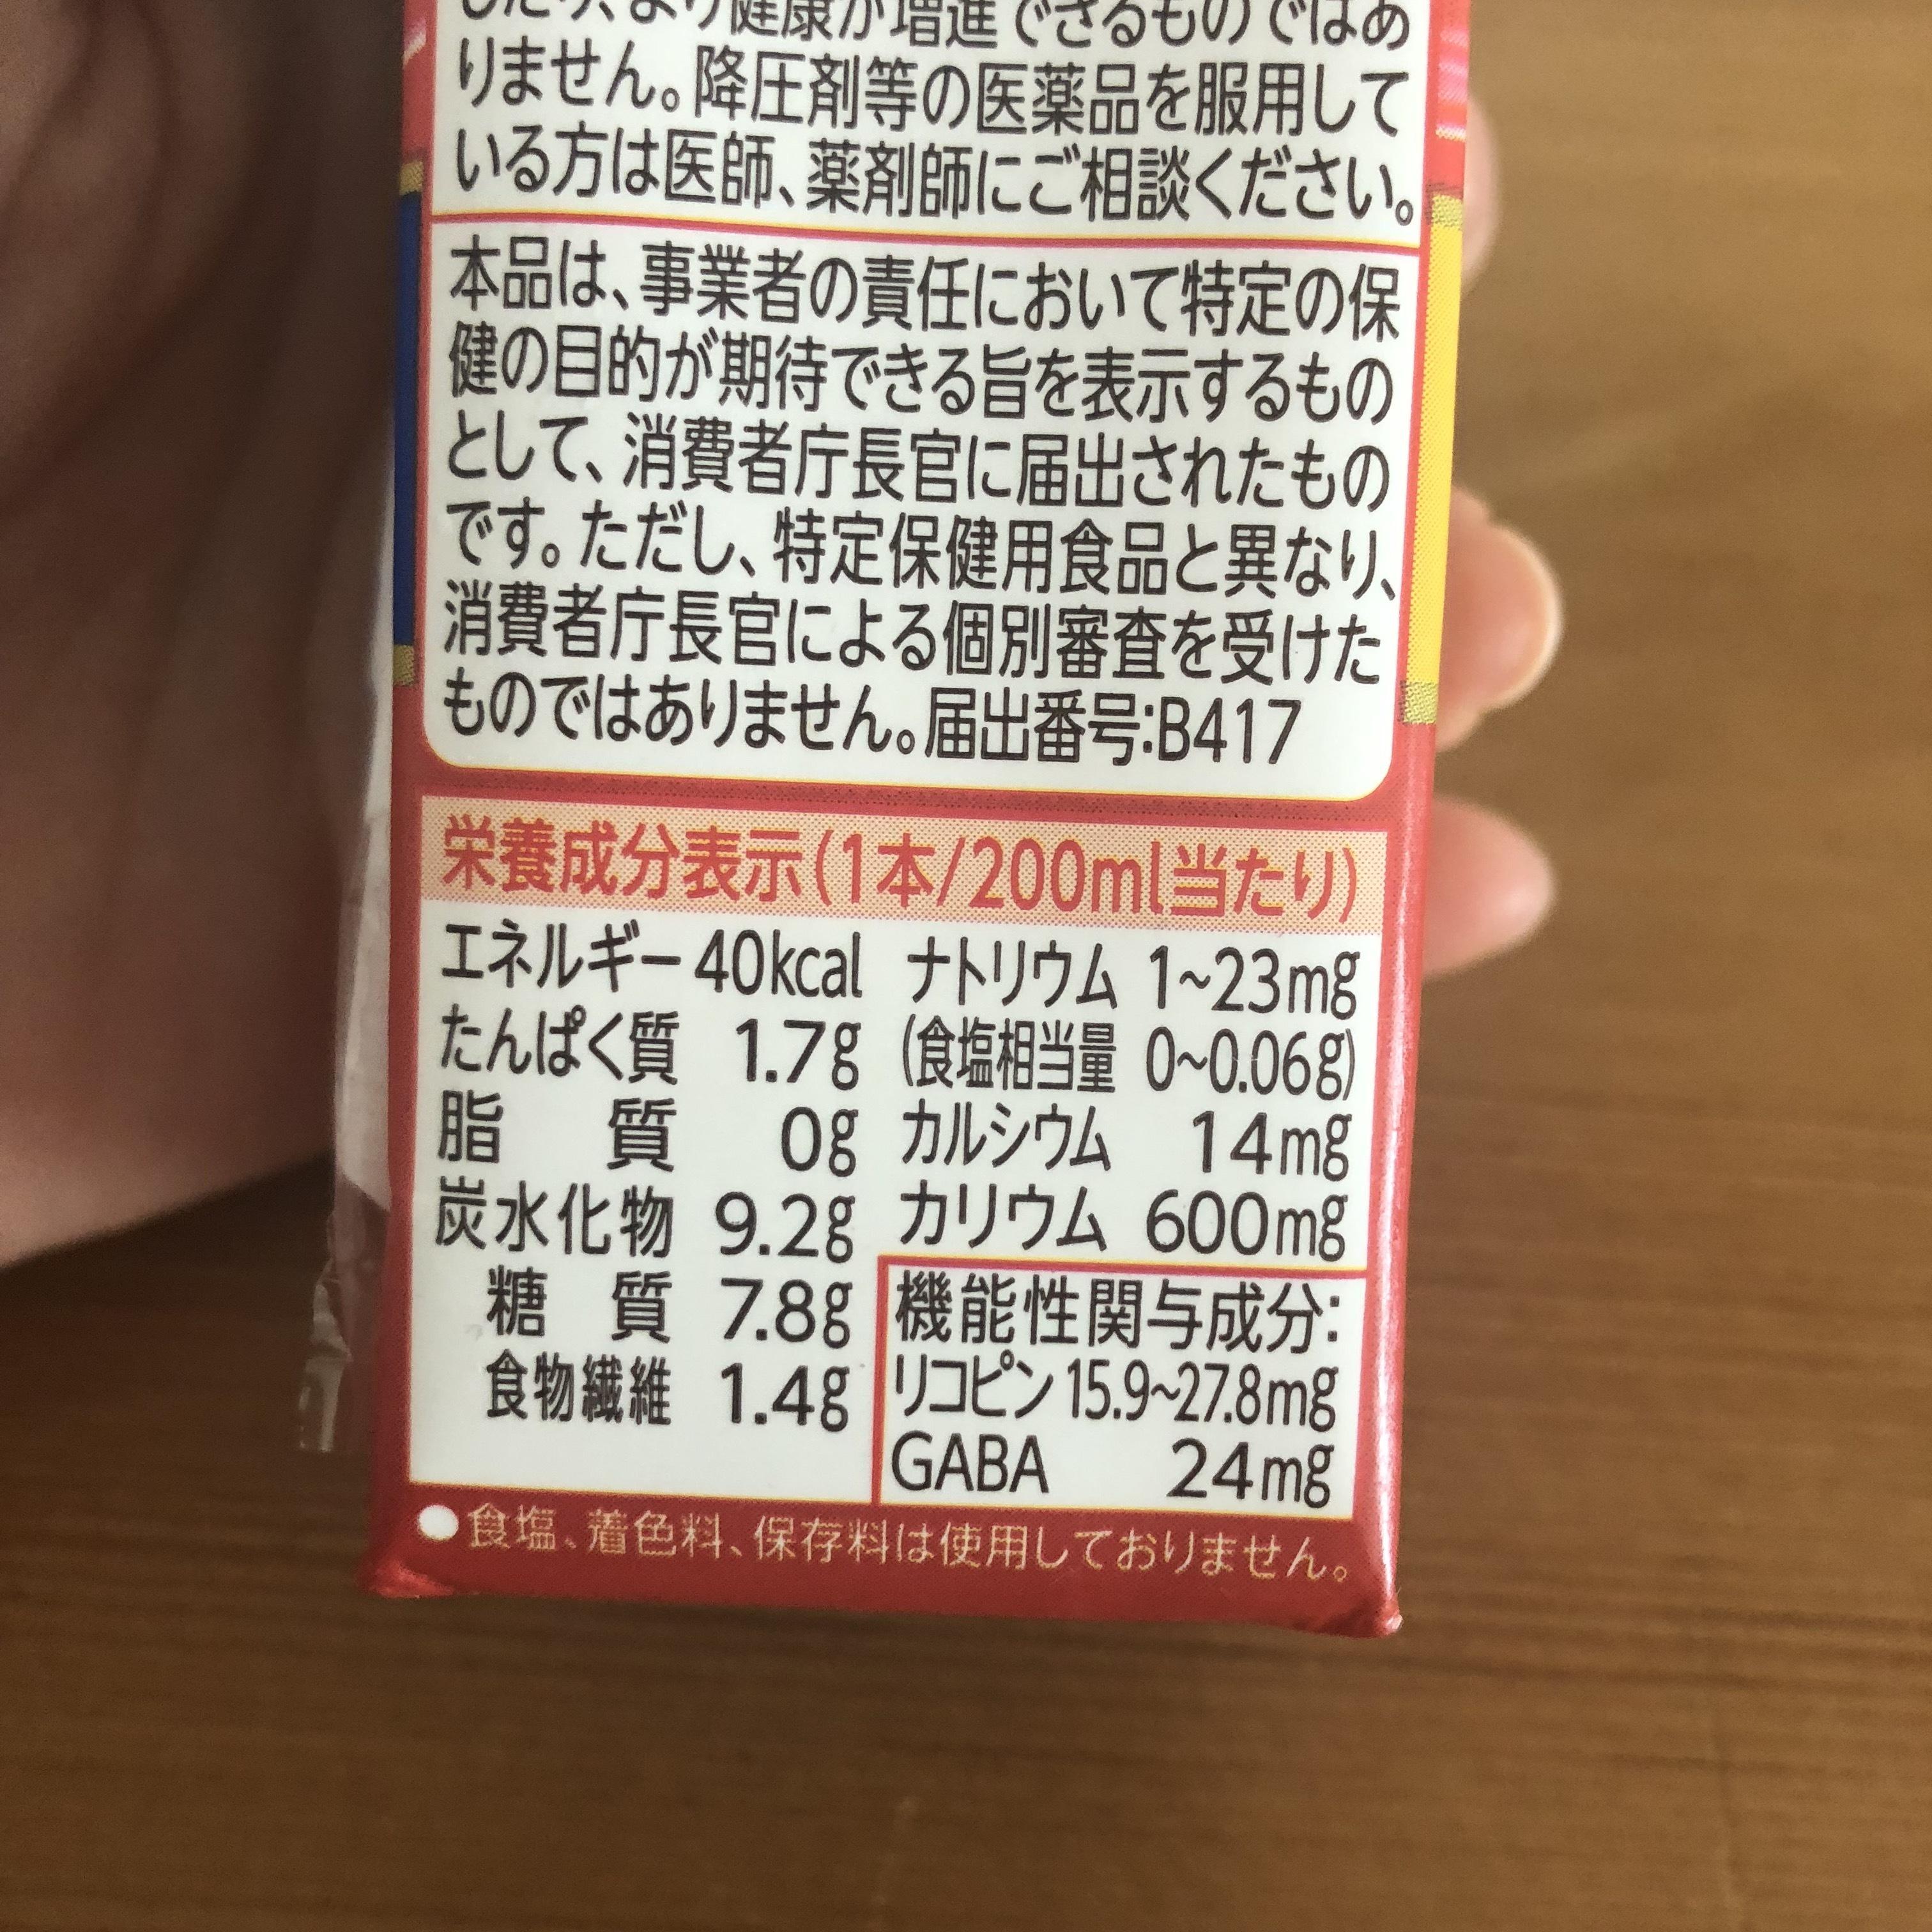 [美白]初めてでも飲みやすい!おすすめのトマトジュース[コンビニ]_1_3-2